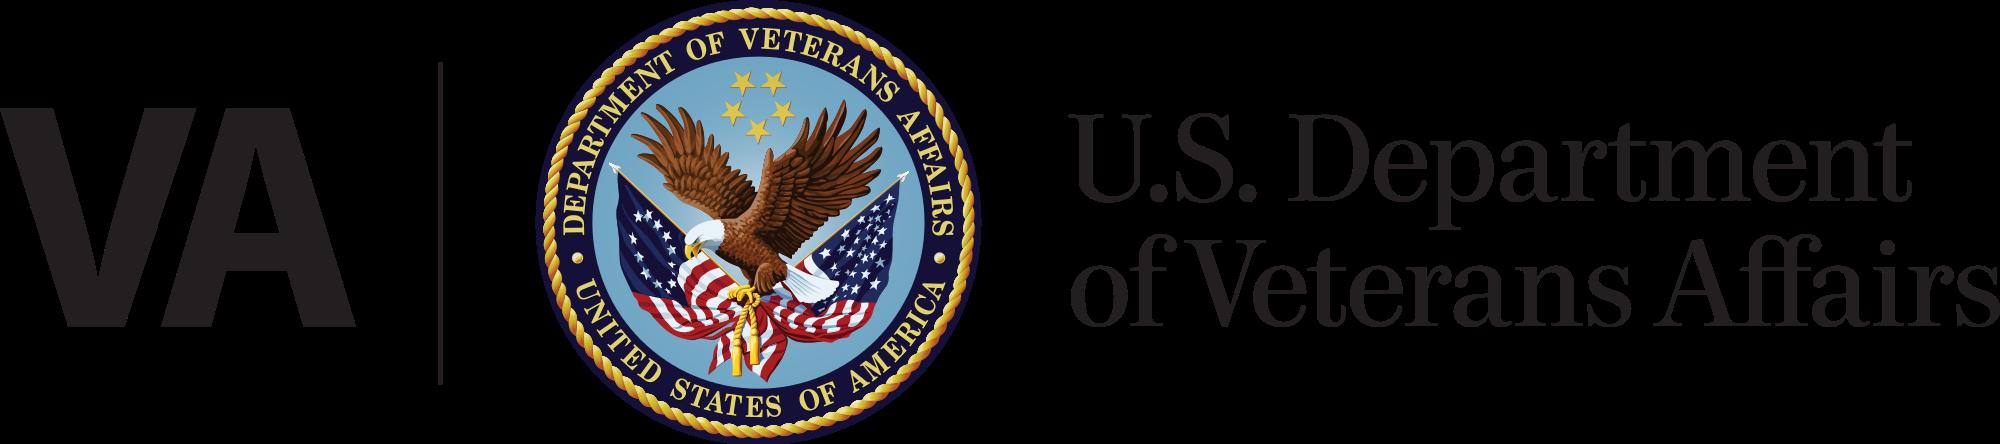 VA - U.S. Department of Veterans Affairs